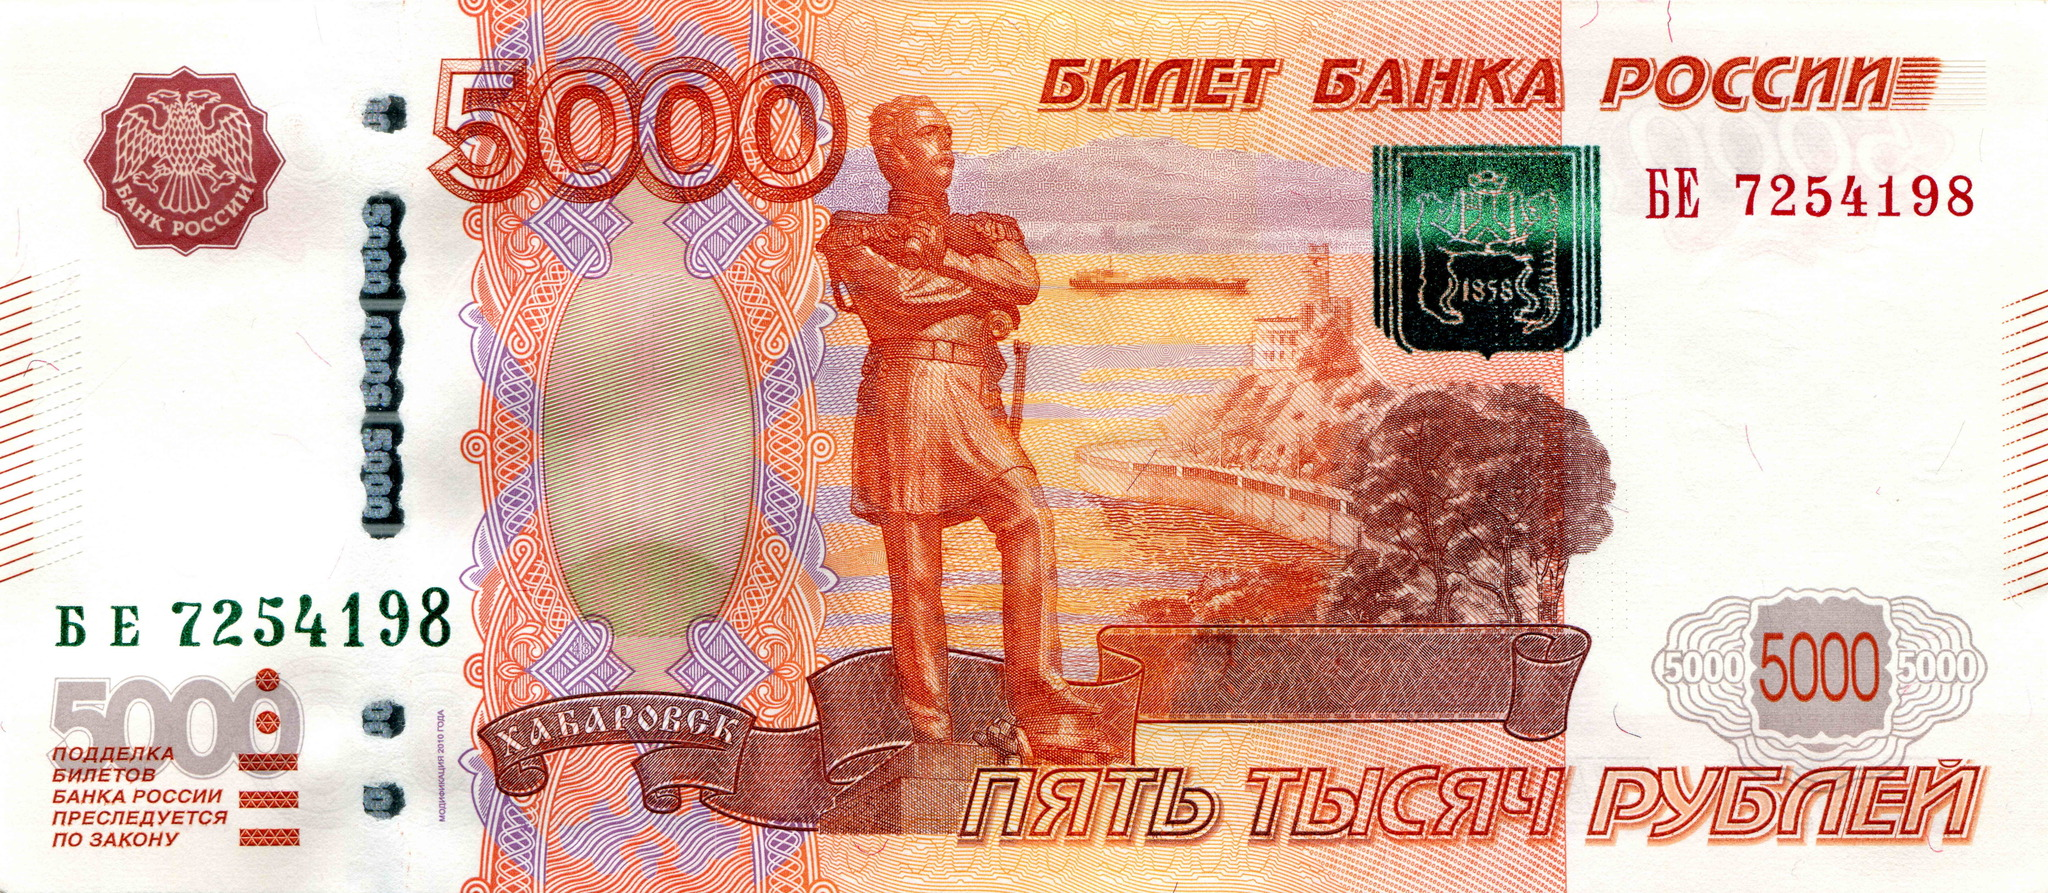 фото русских денег для печати станут отличным дополнением